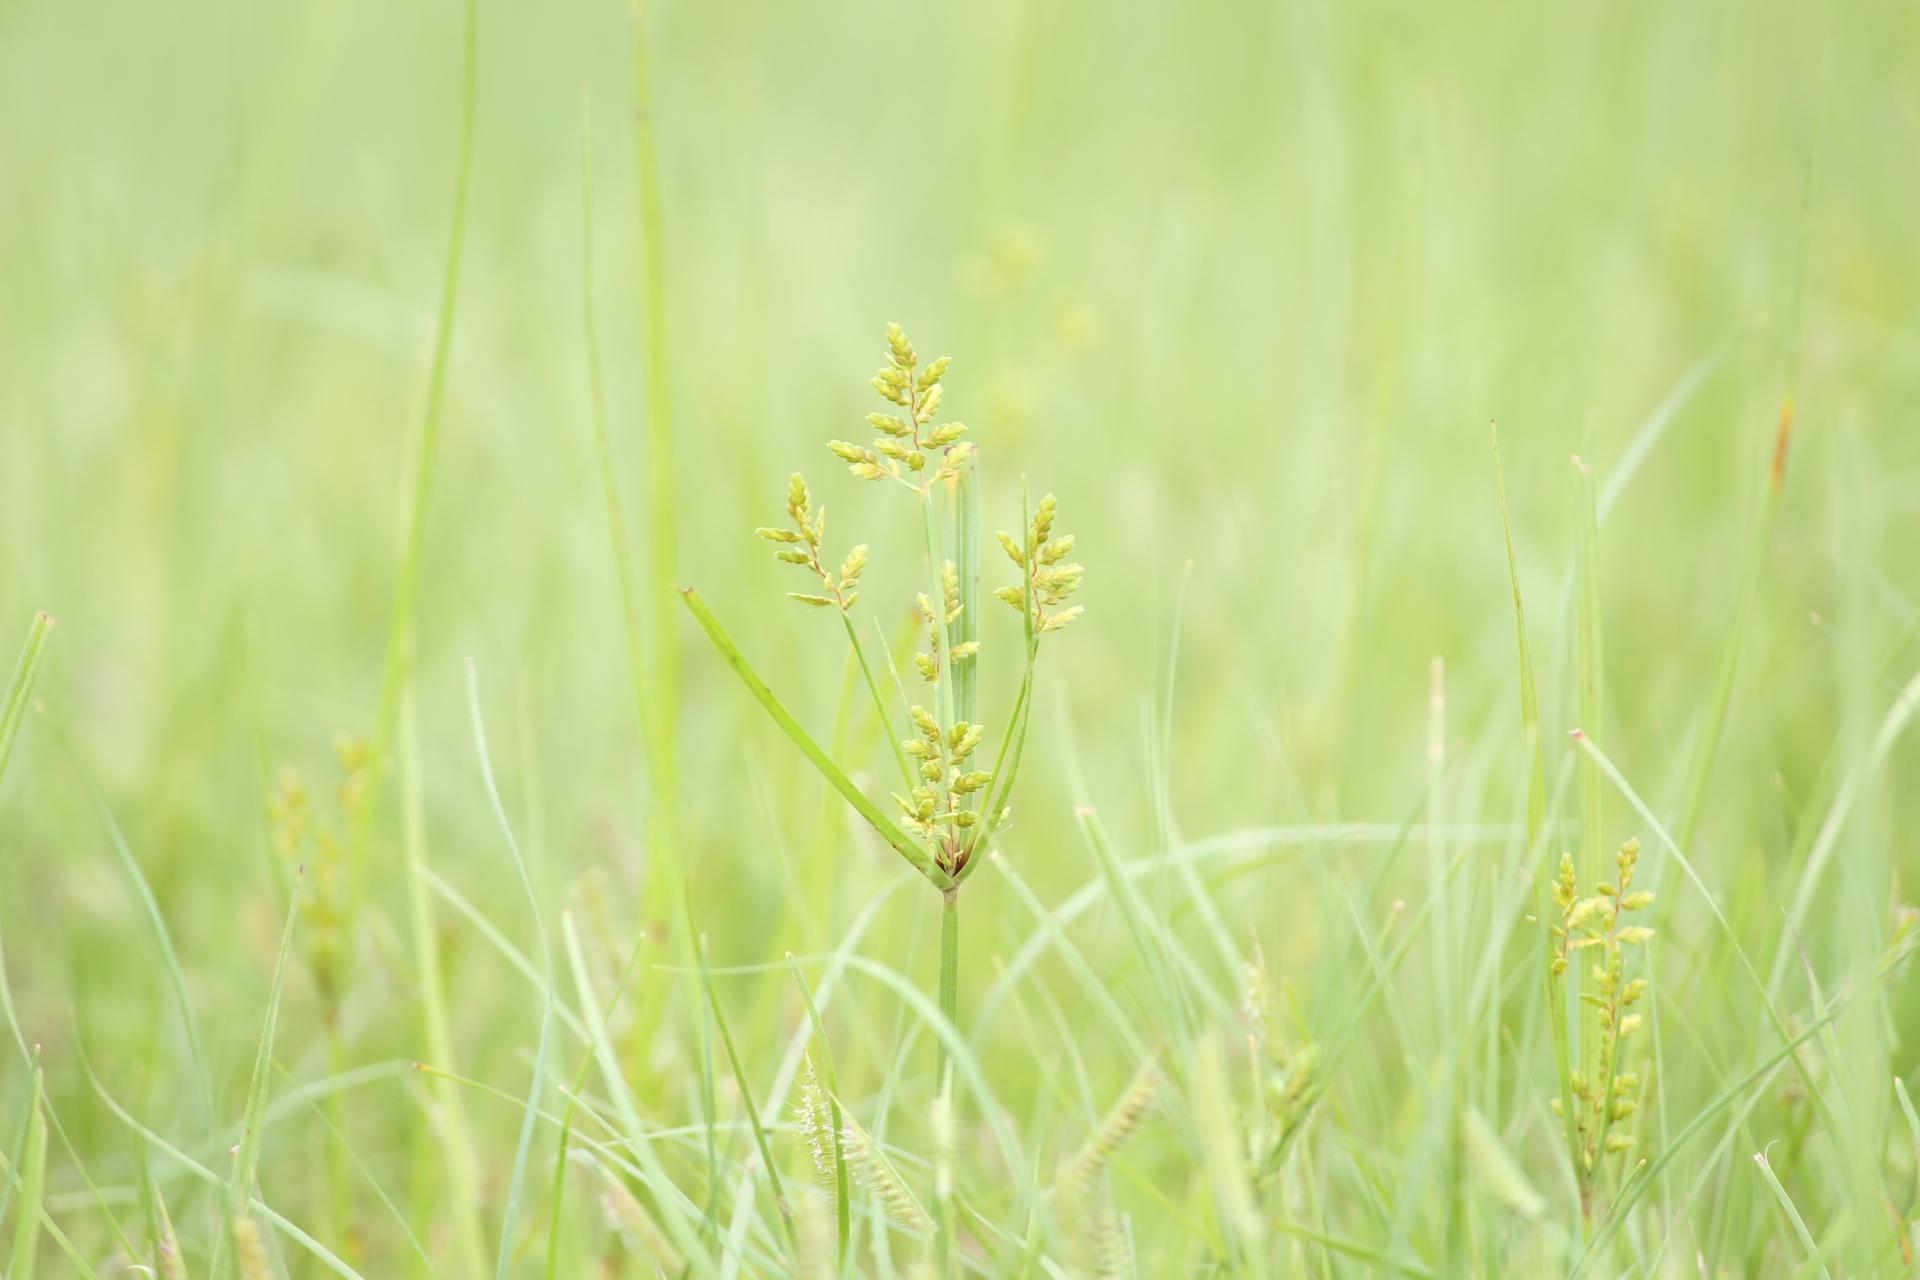 Light green grass field background